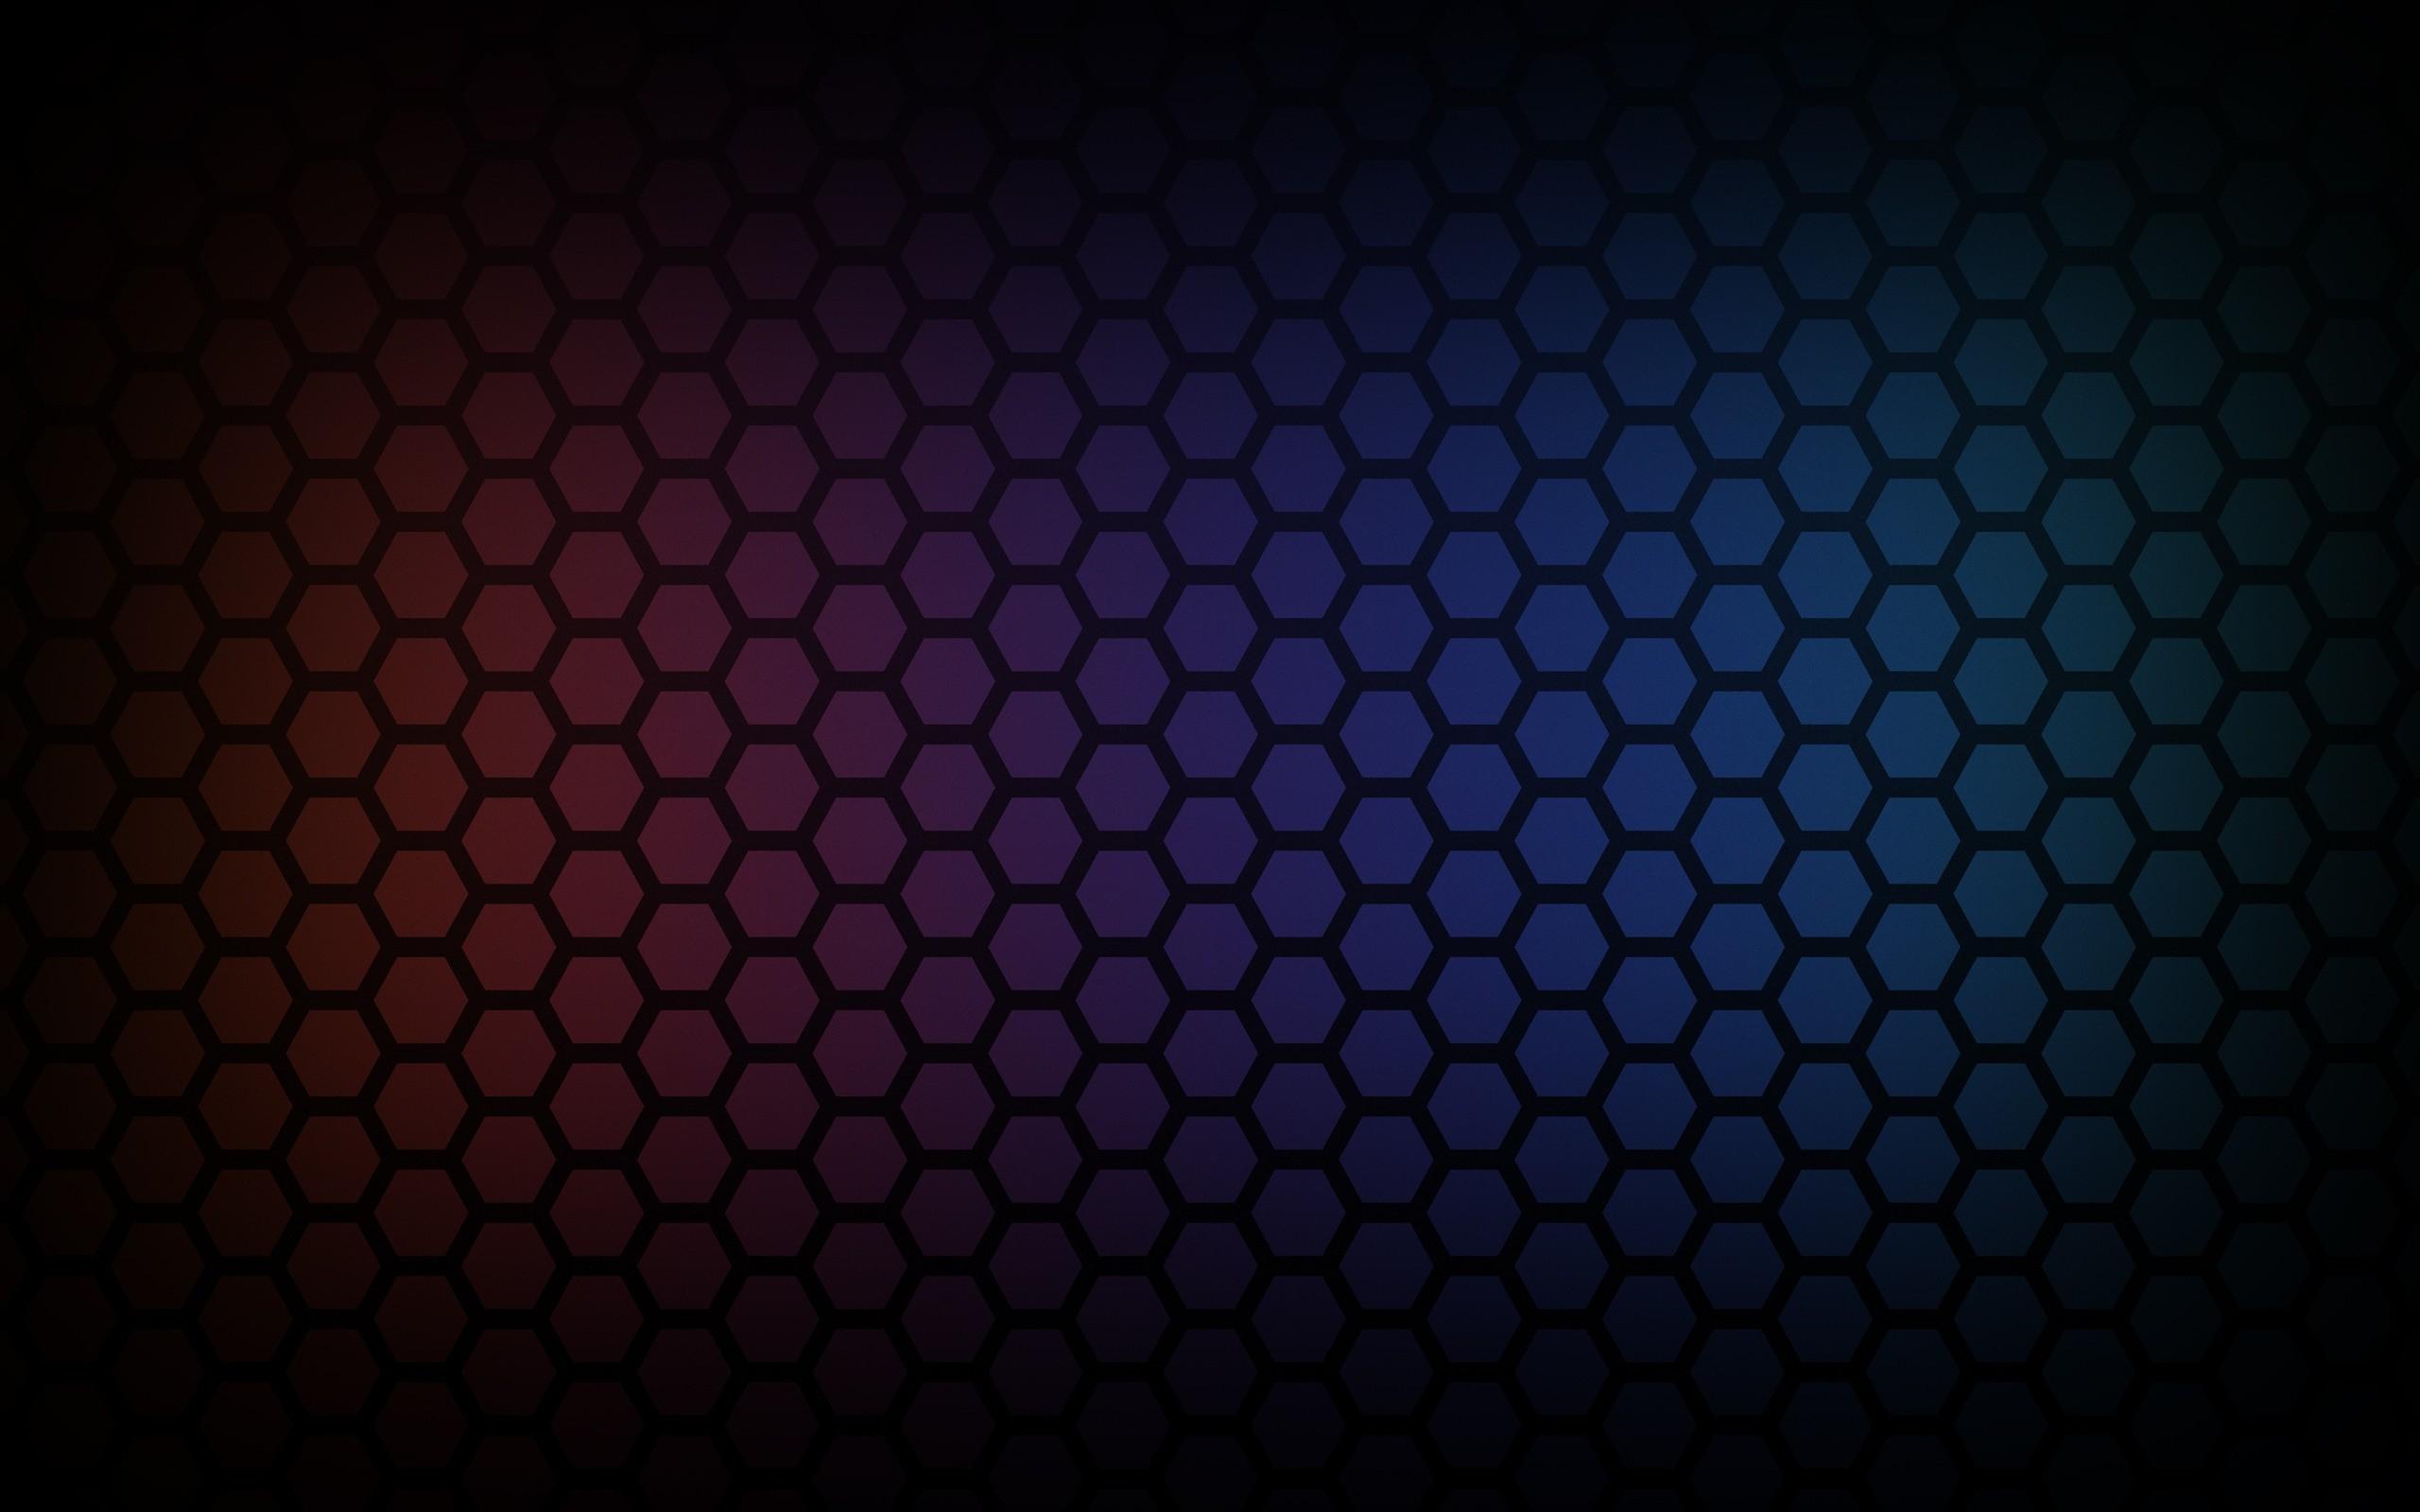 Wallpaper Cell, Light, Hexagon, Shadow